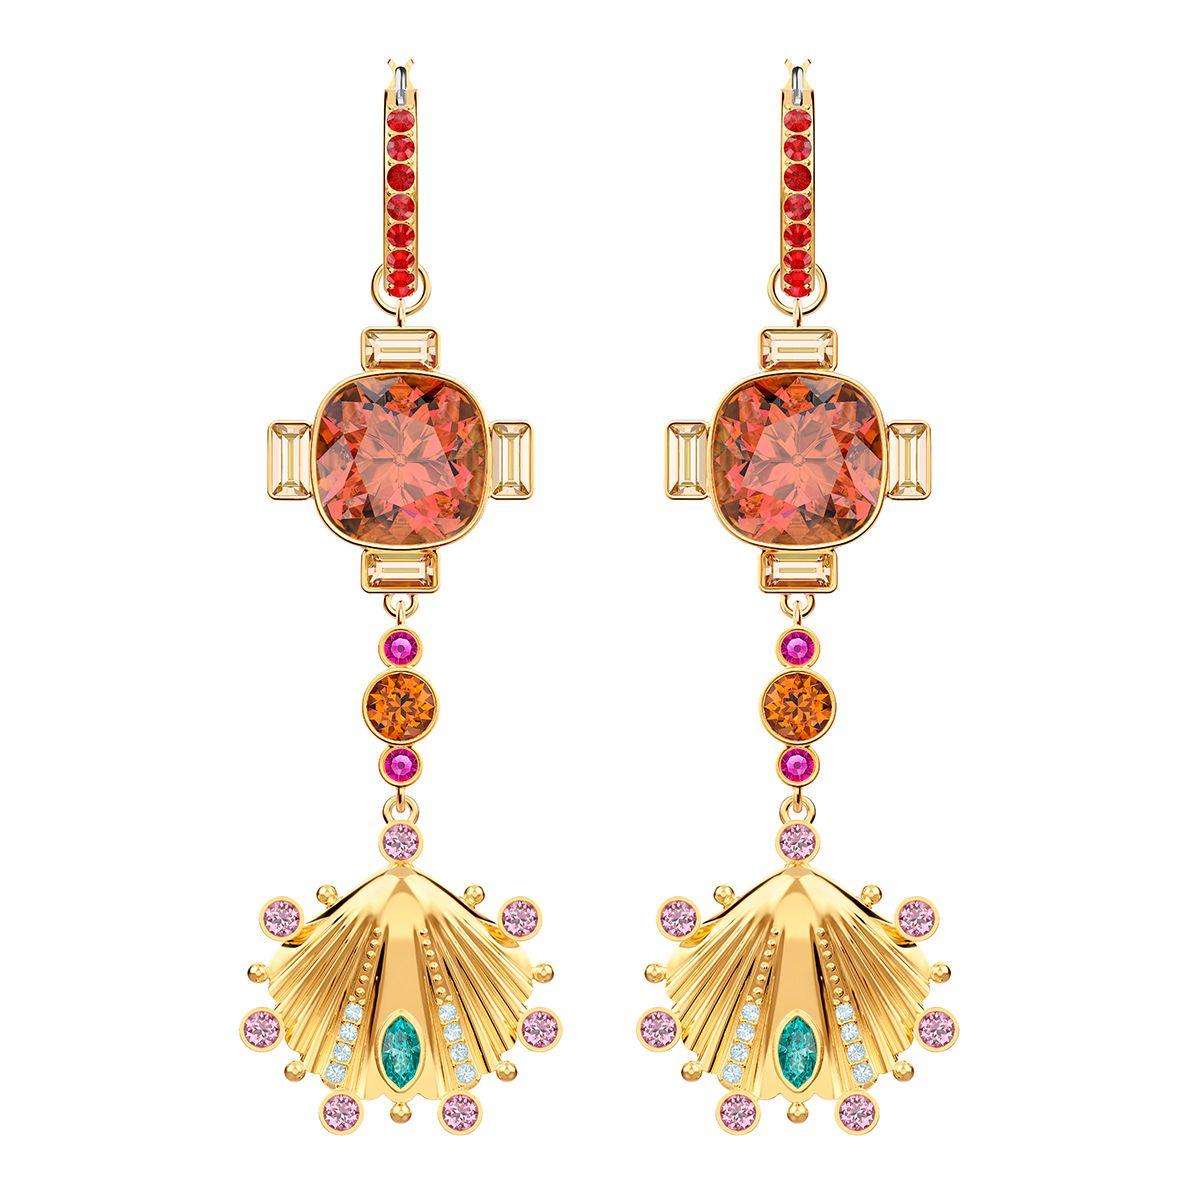 634233c75 Red Bracelets Swarovski Jewelry - Macy's